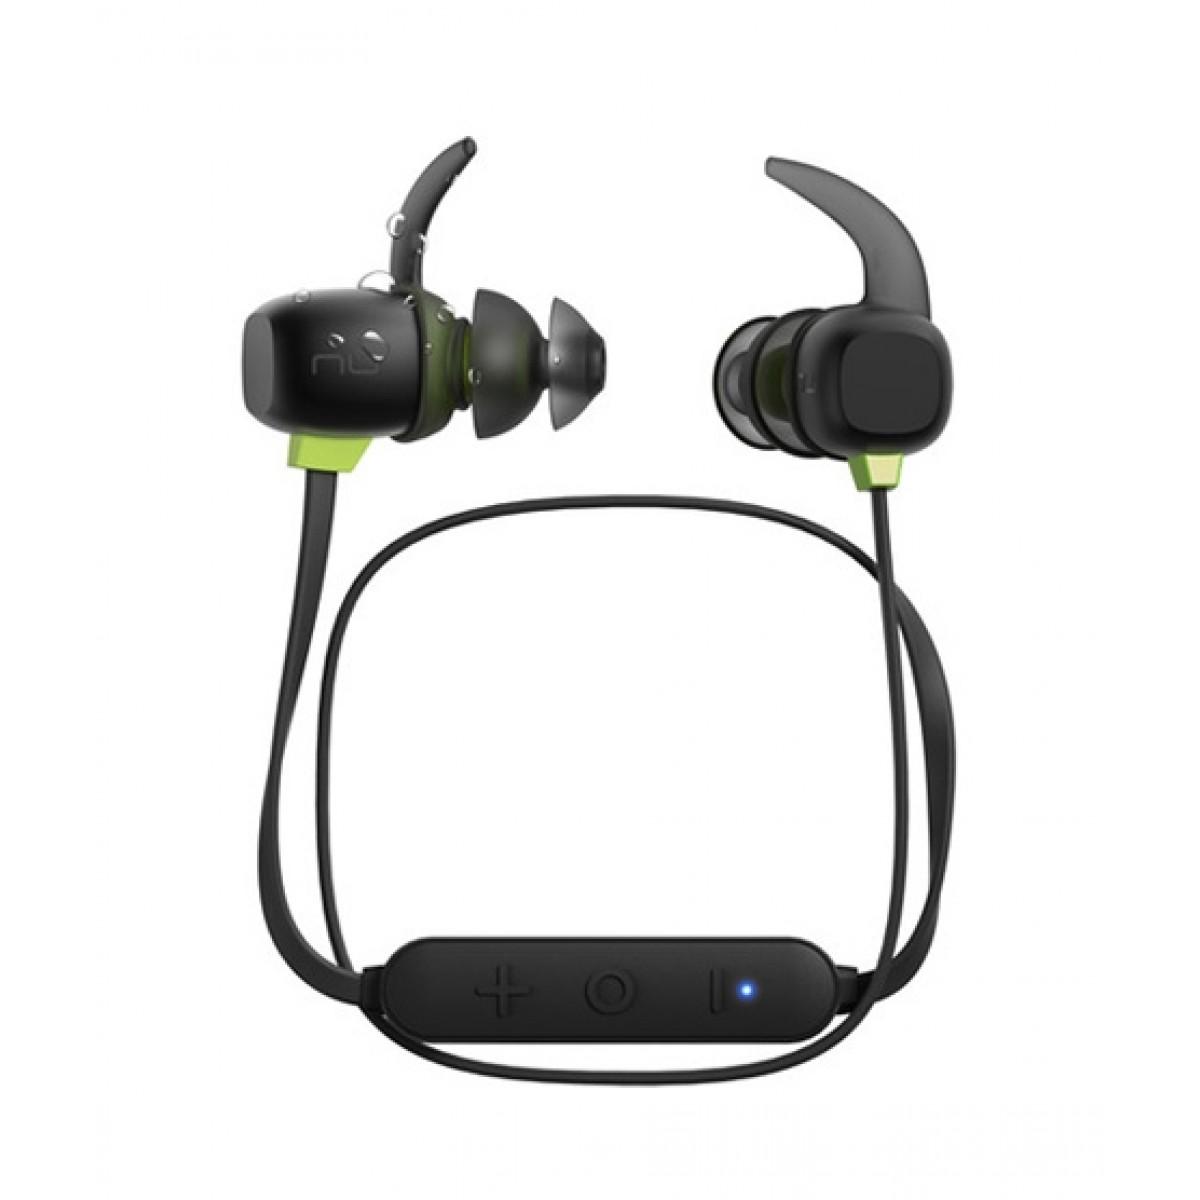 NuForce BE Sport4 Wireless In-Ear Headphones Black